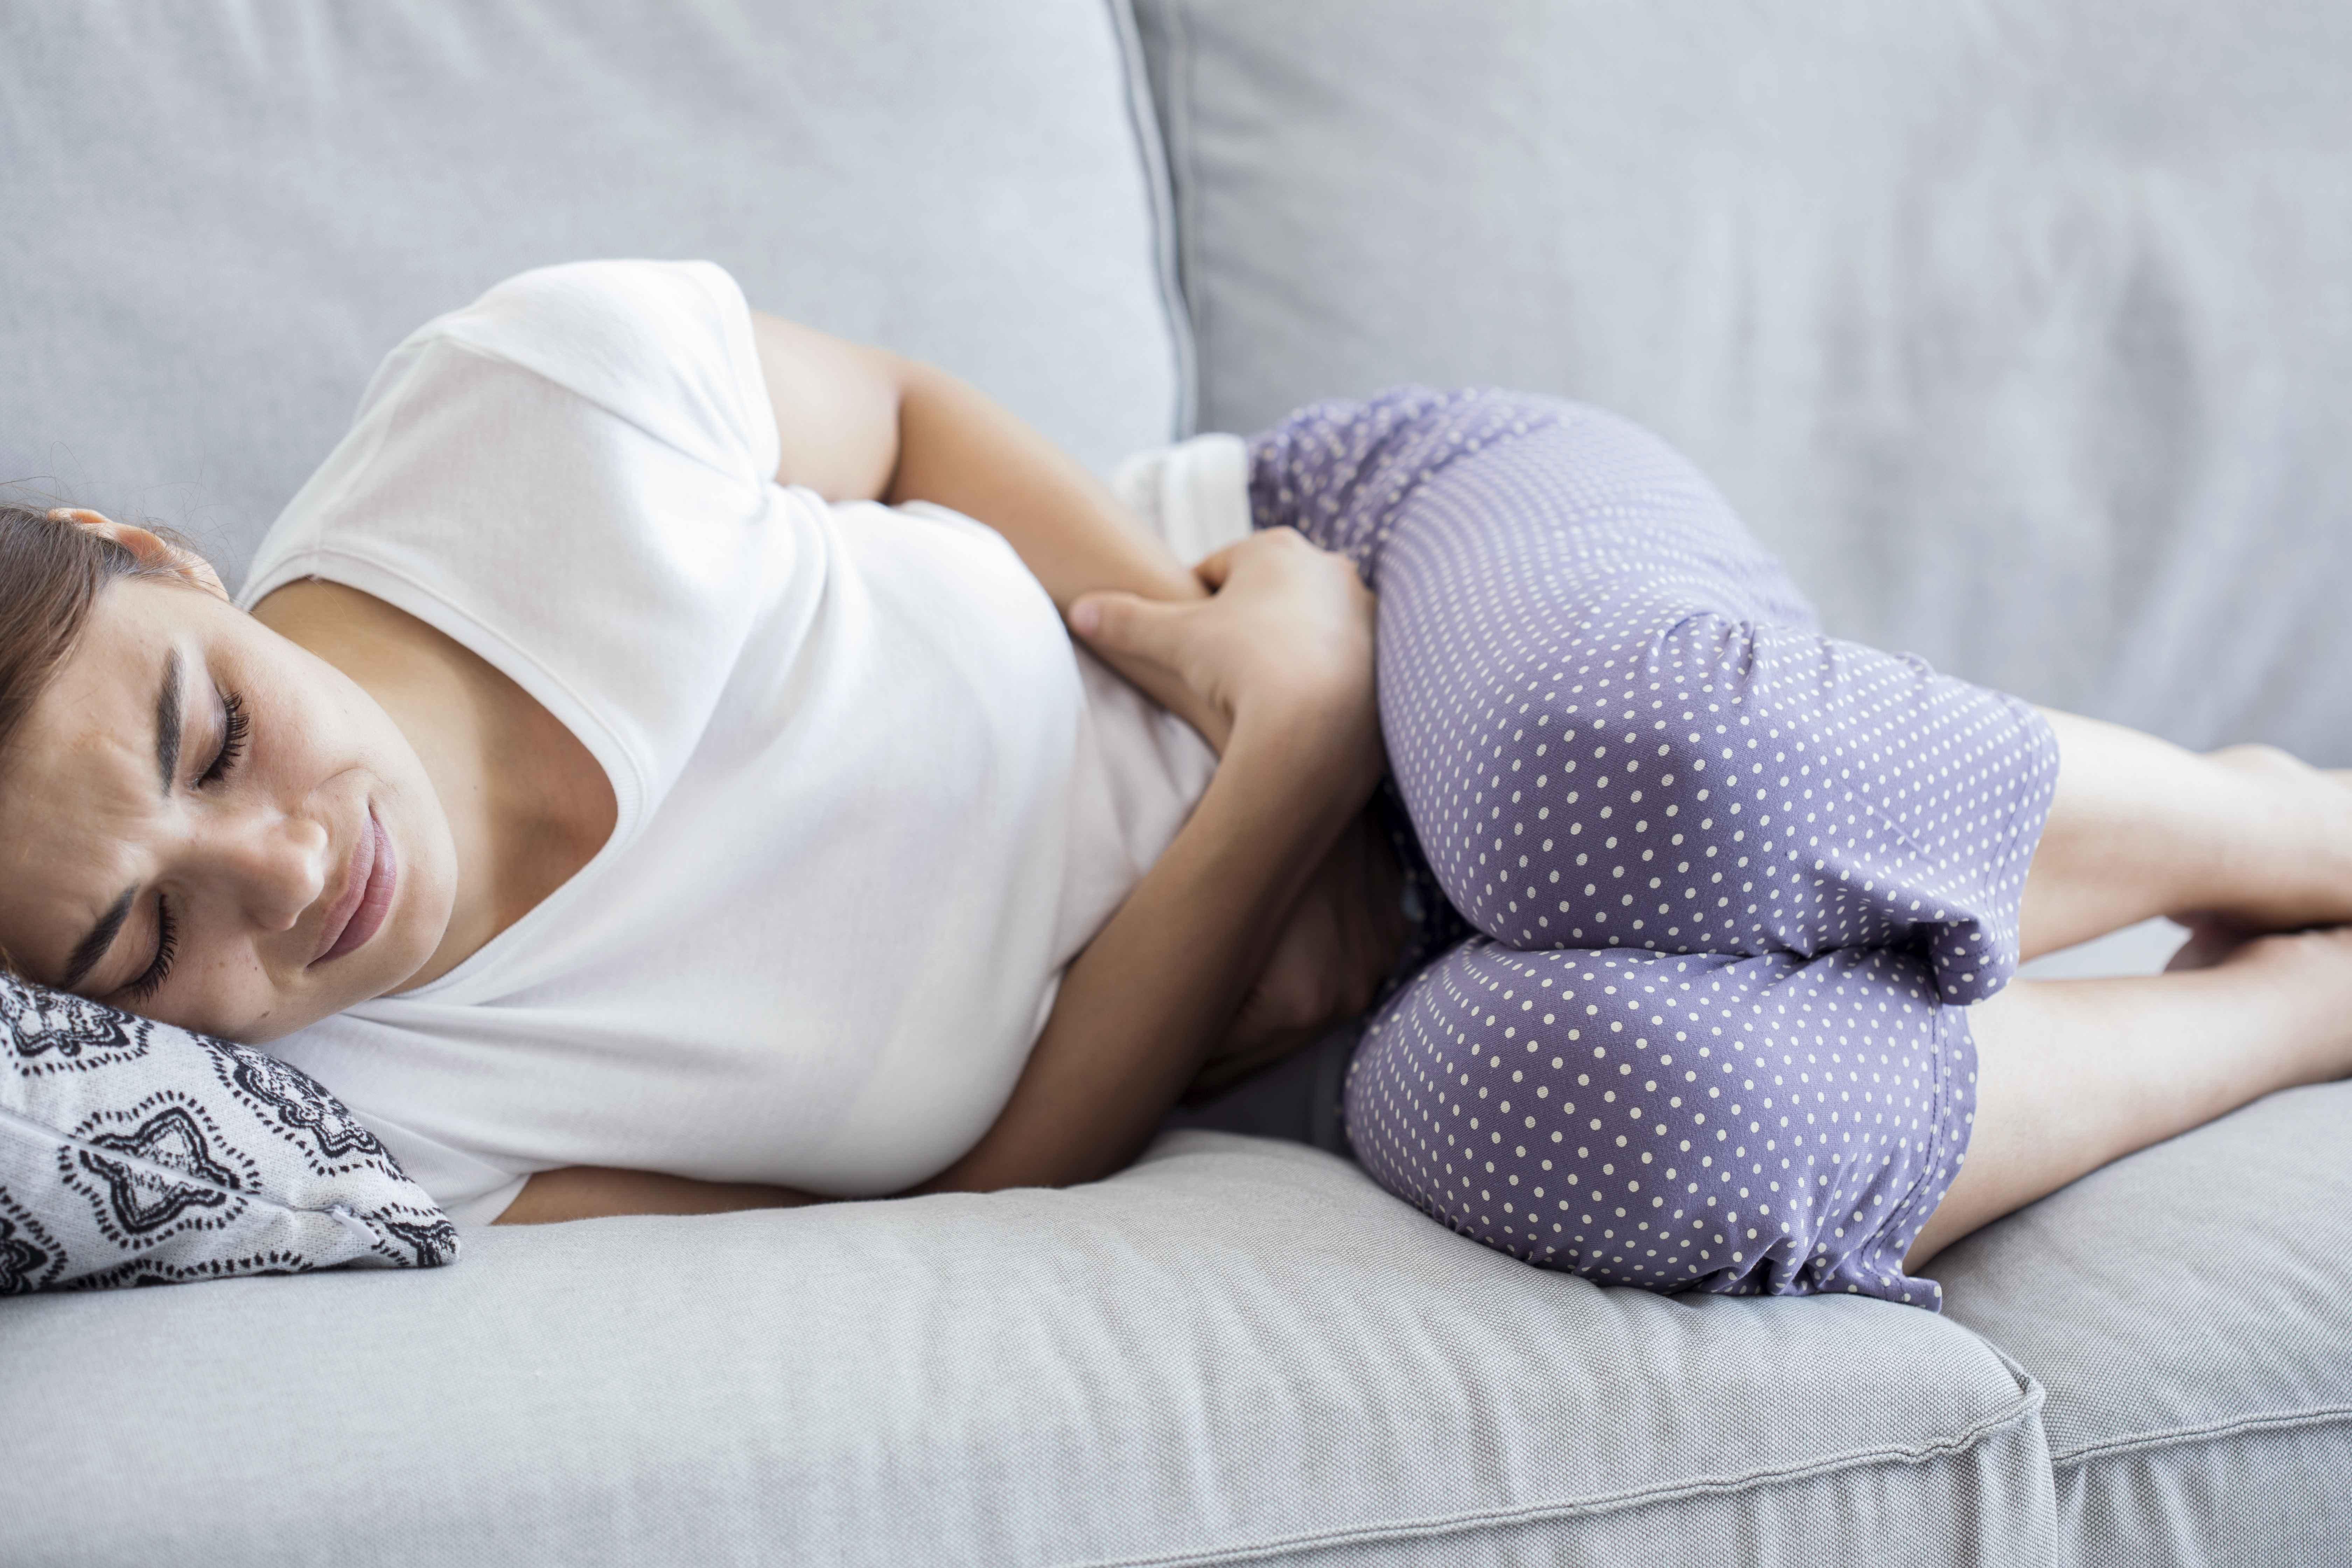 肚子疼的女孩摄影素材_素材公社